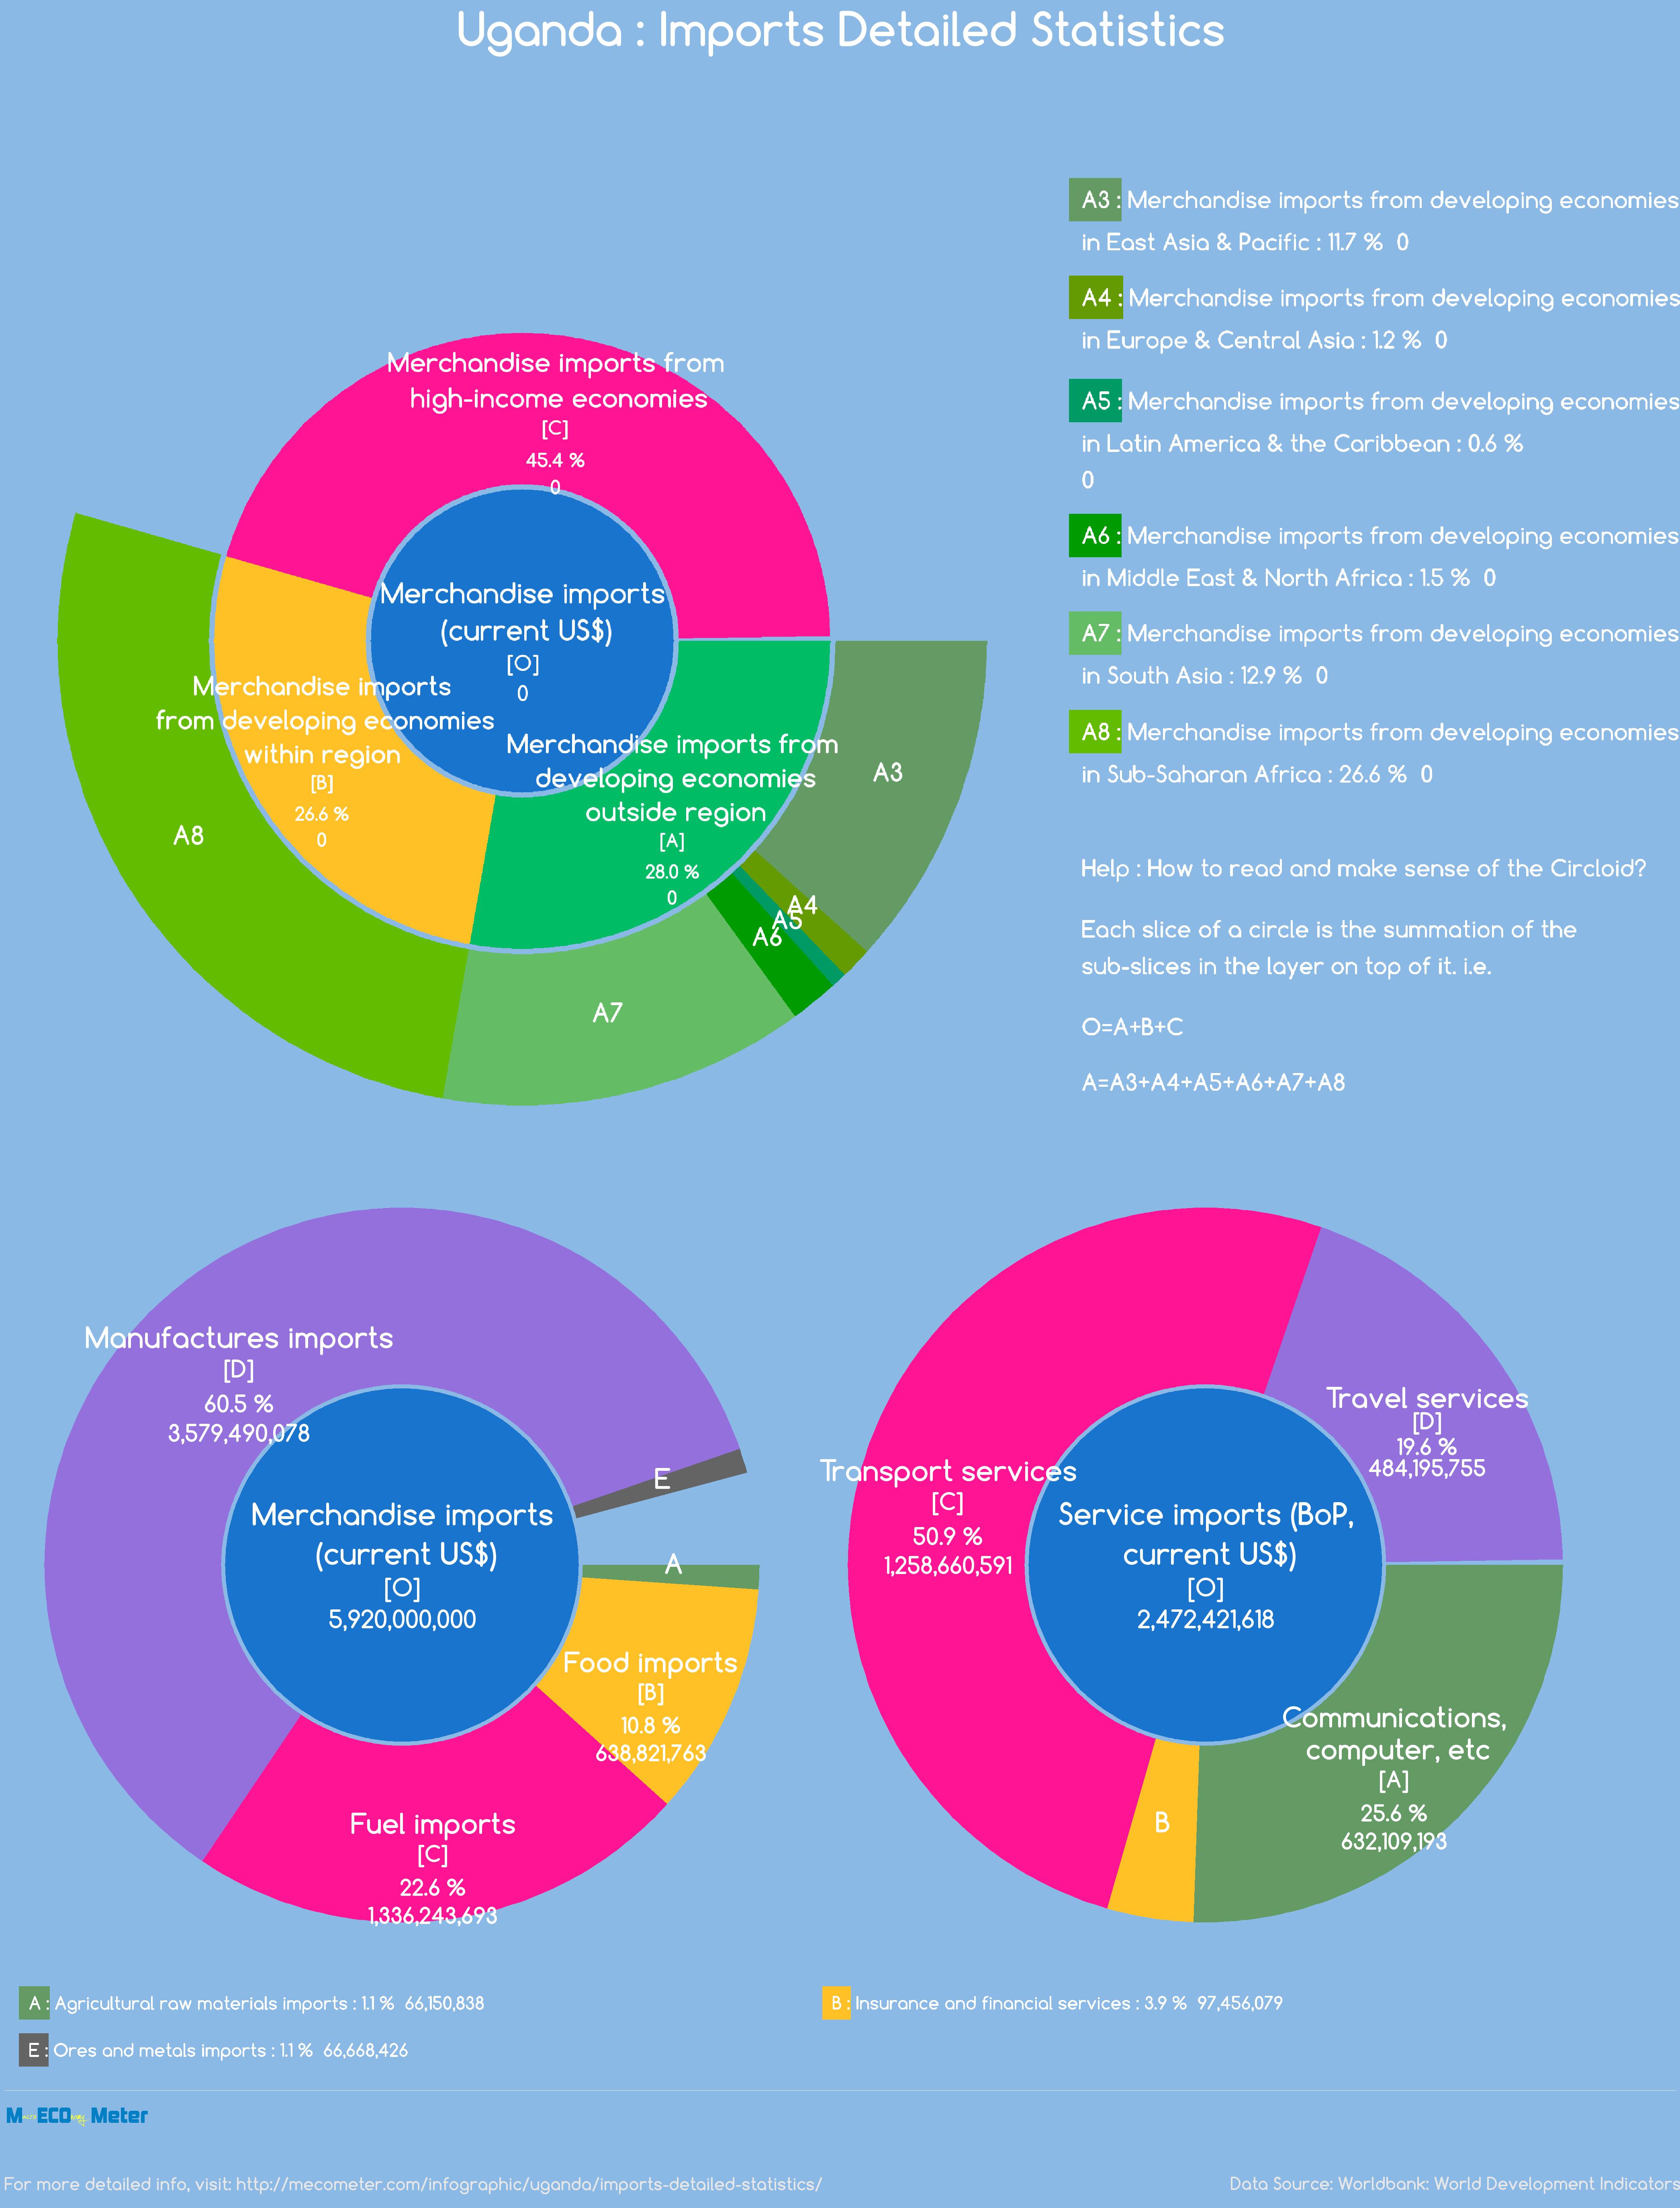 Uganda : Imports Detailed Statistics